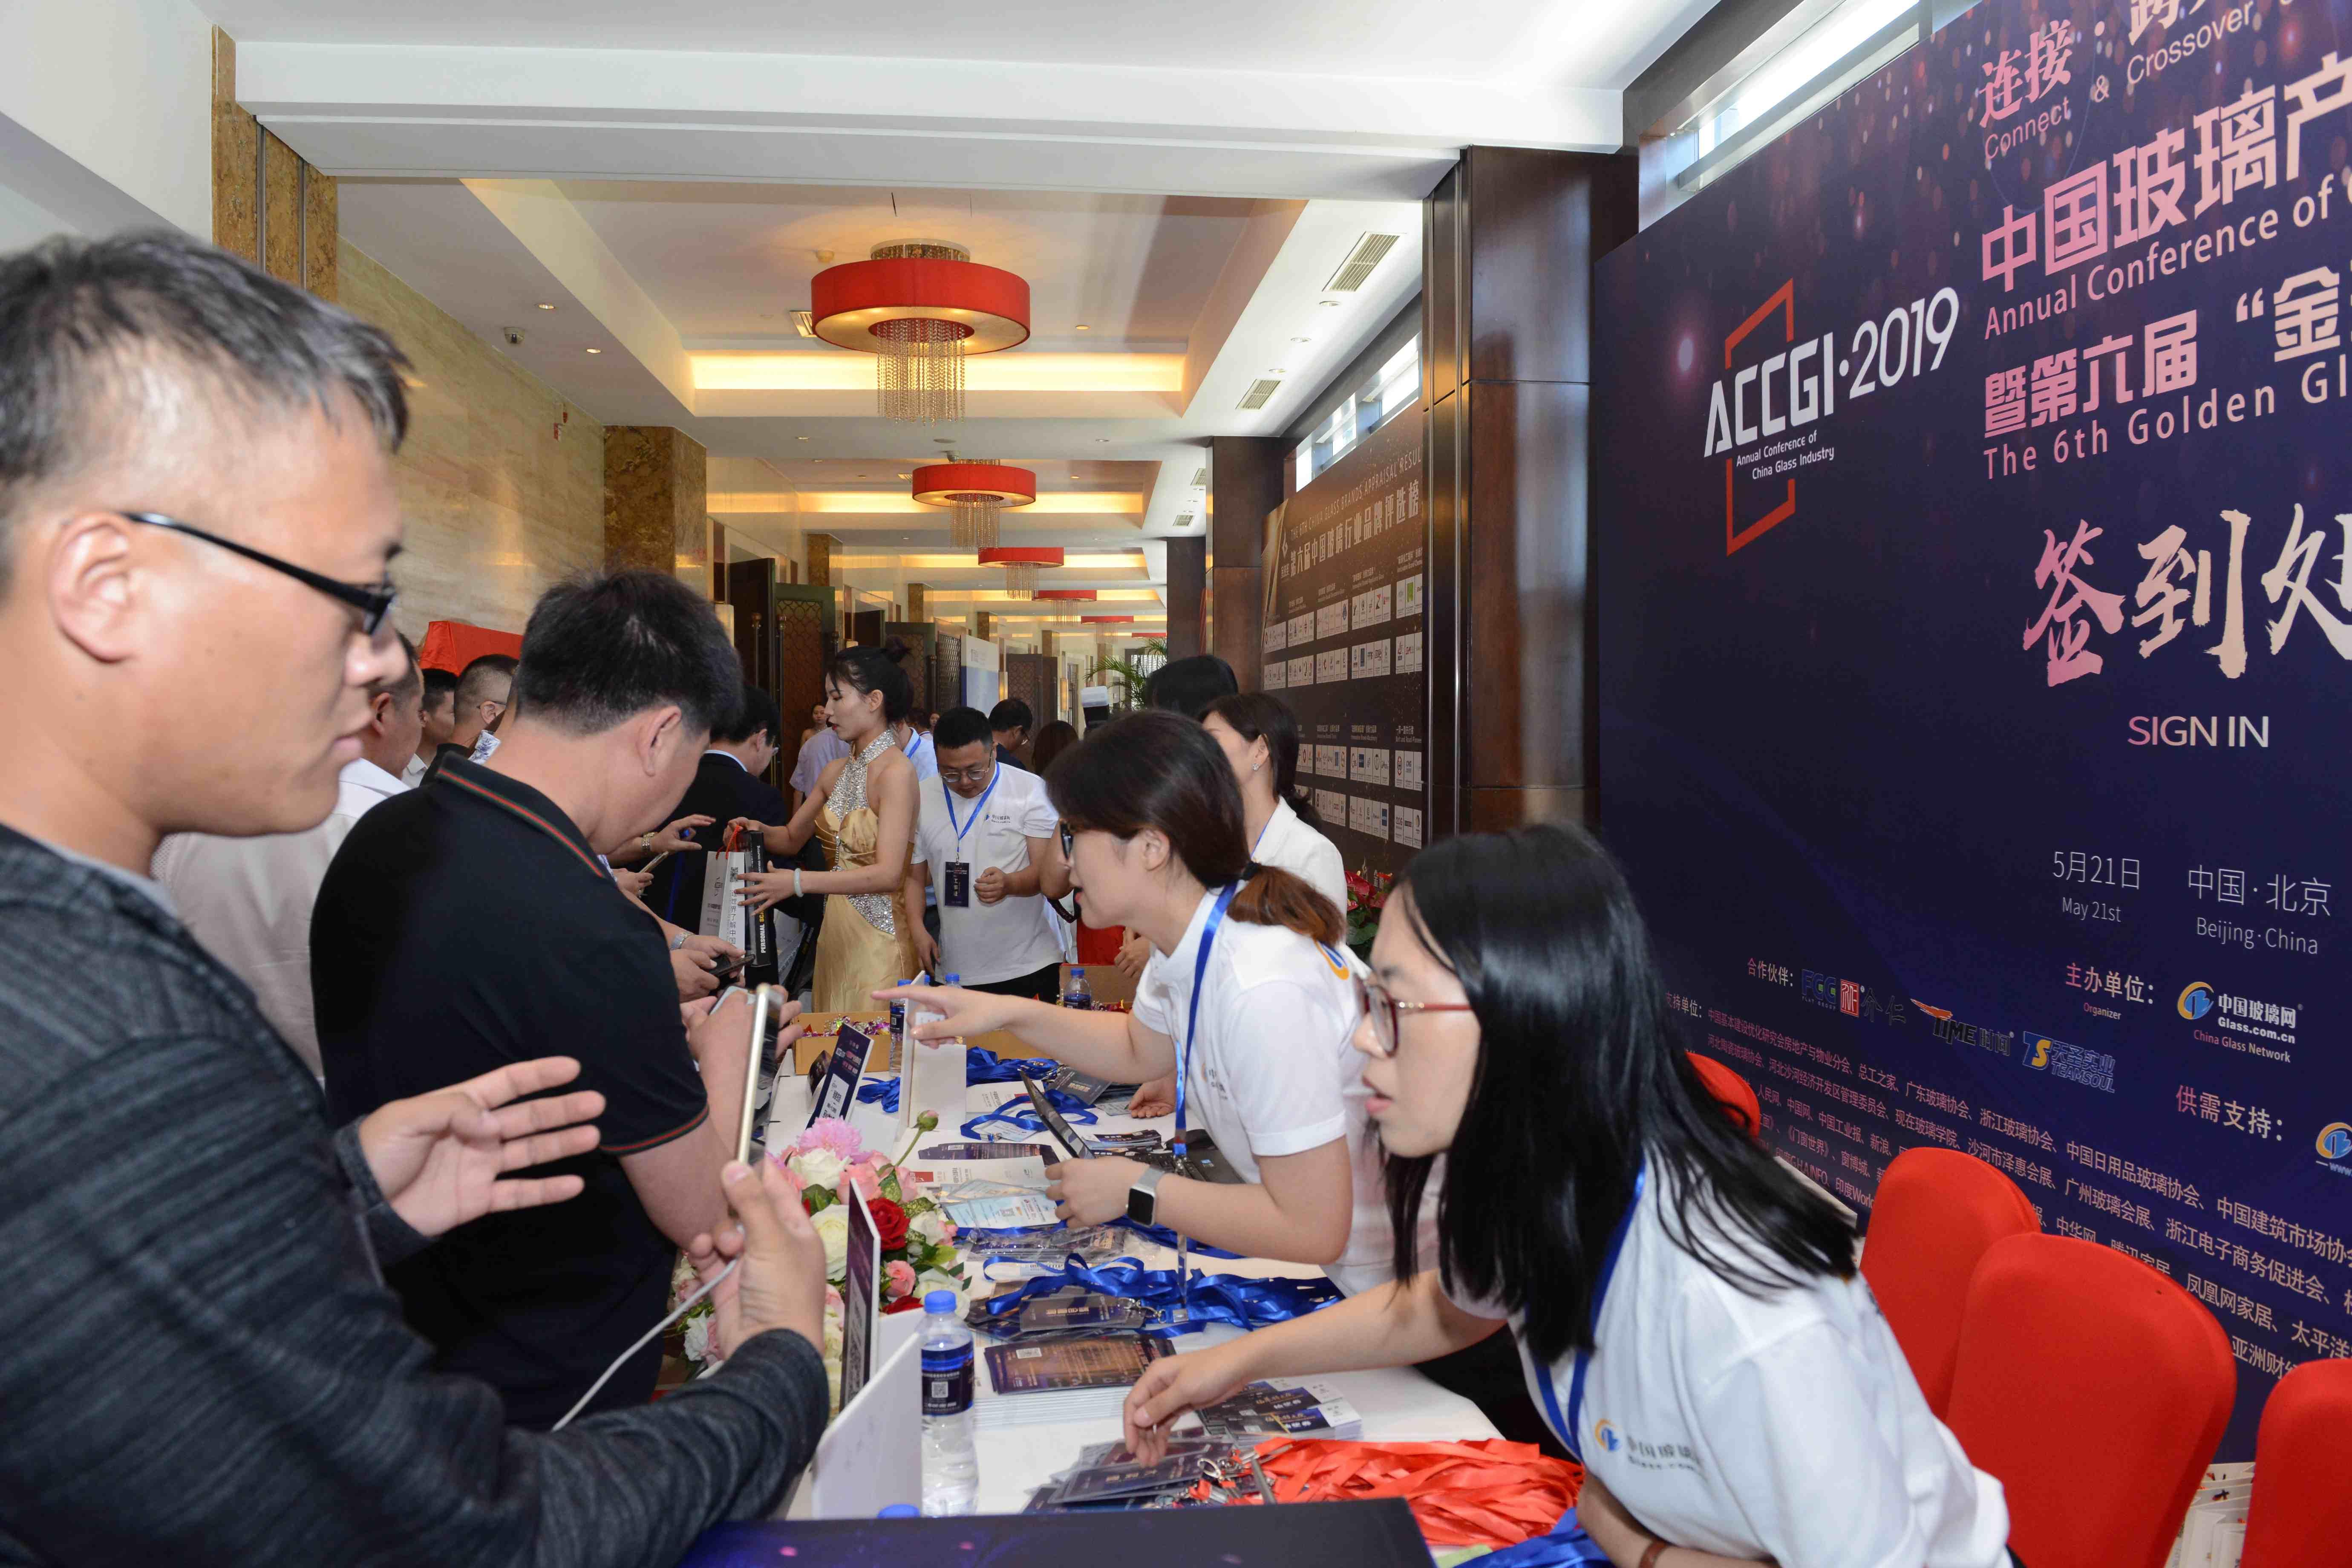 中国玻璃产业发展年会文图-中国玻璃产业发展年会文图-嘉宾签到3